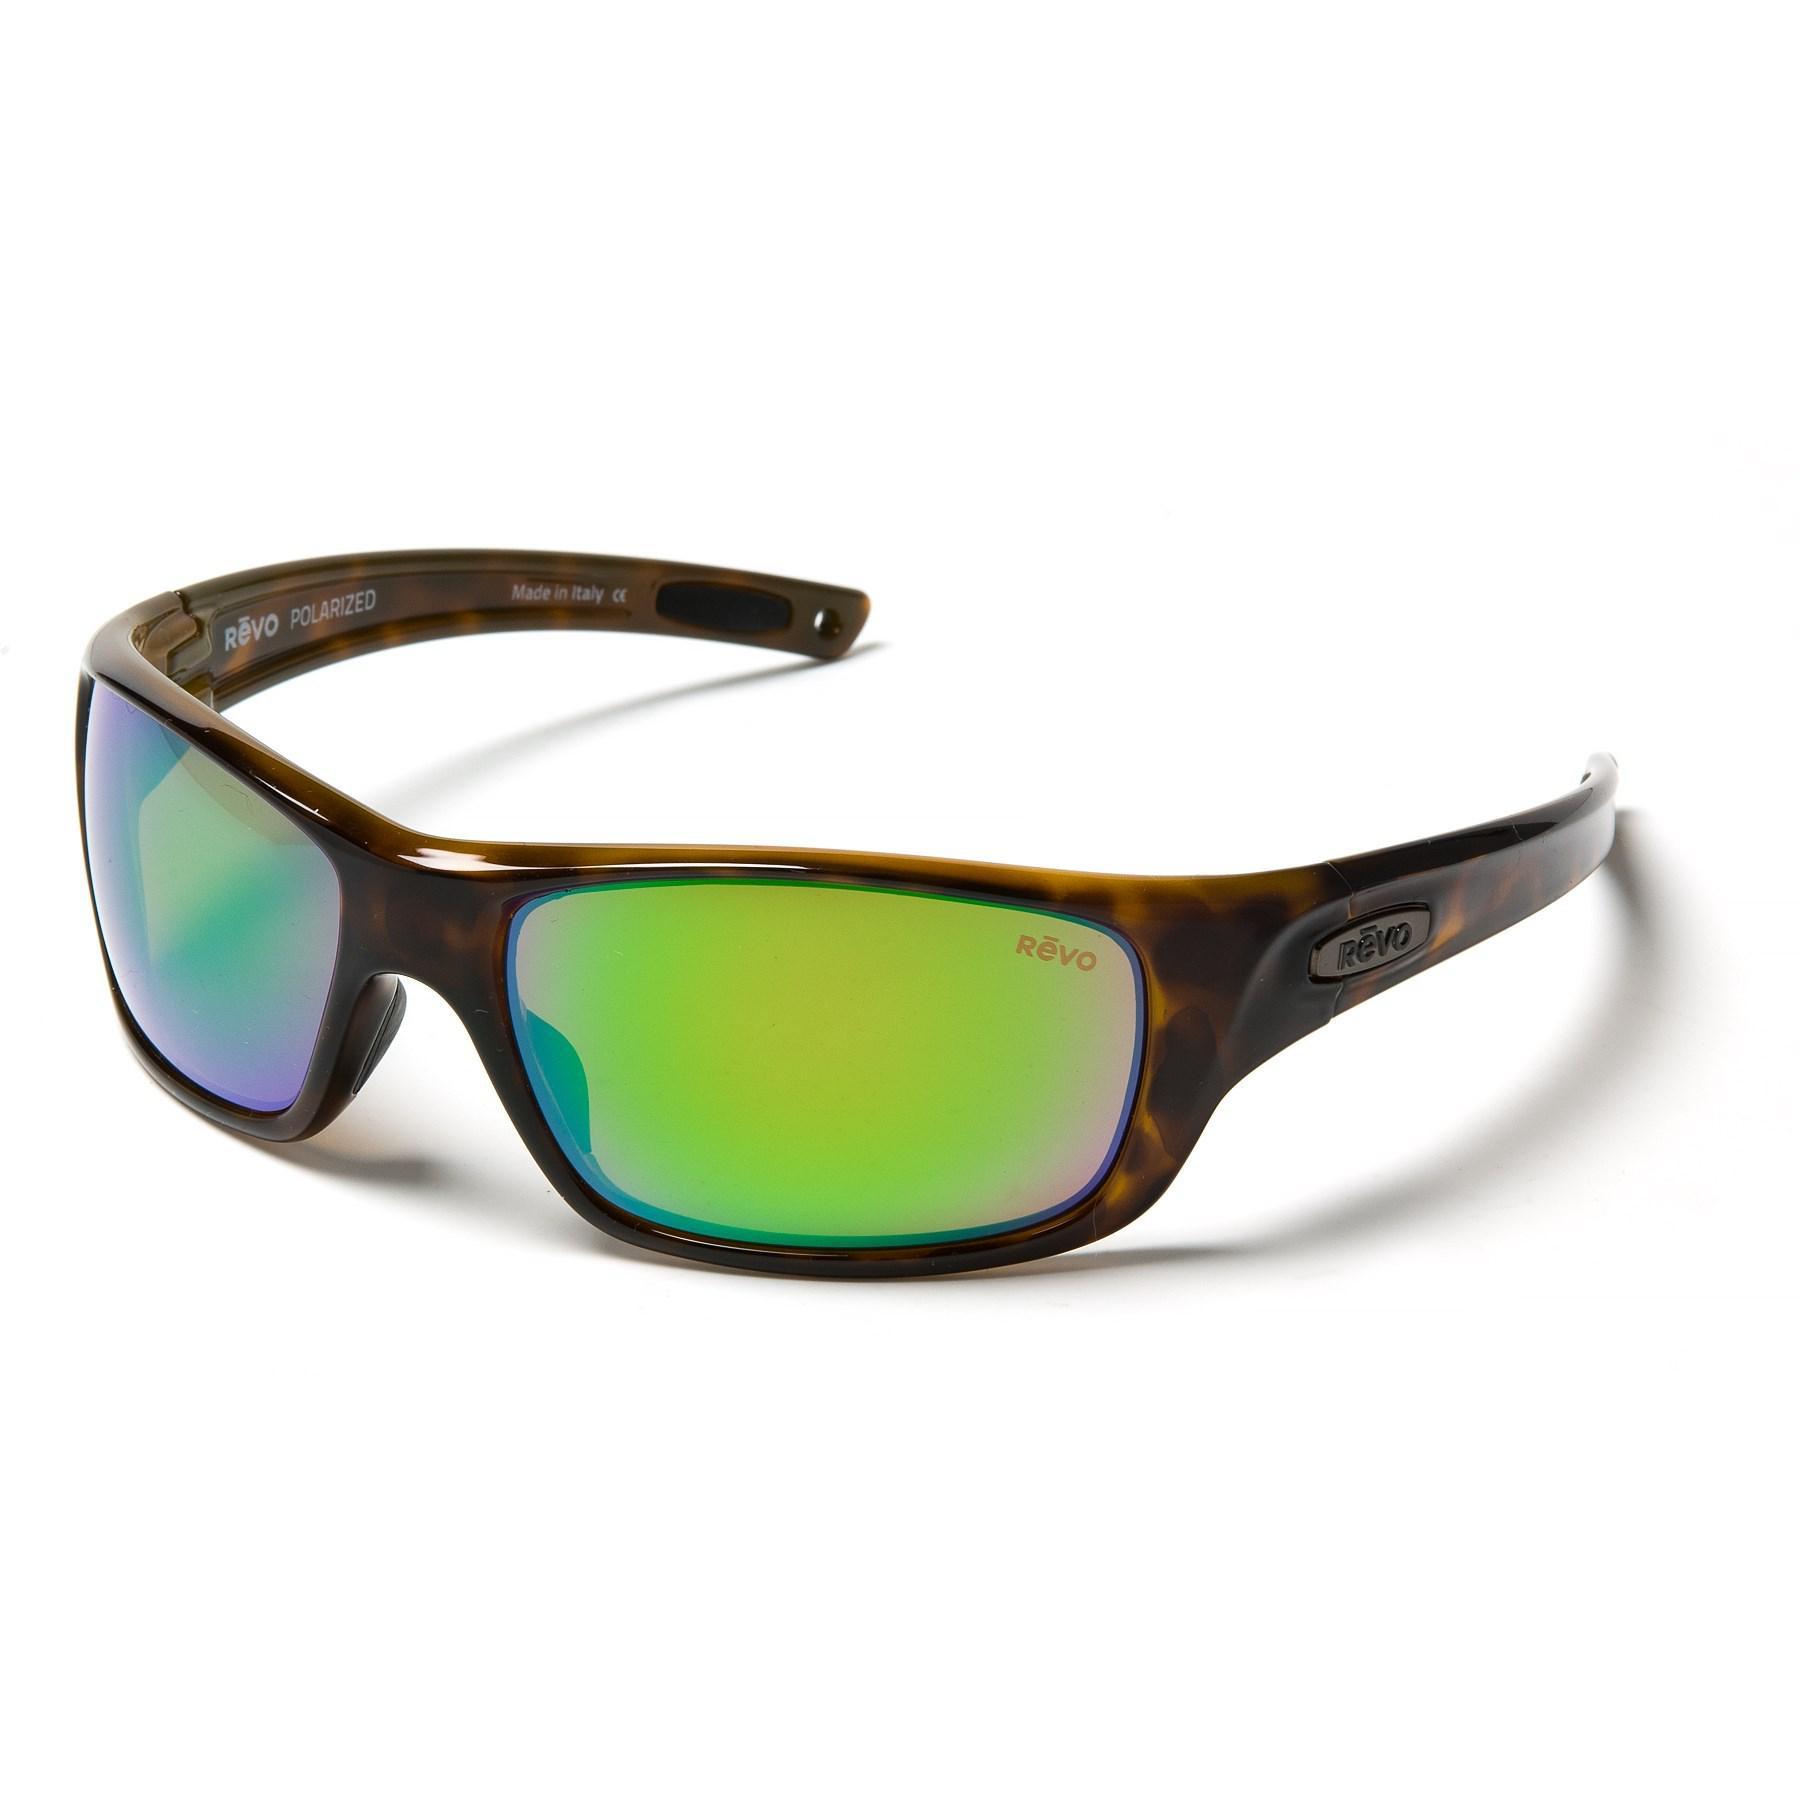 8bec00e0c6655 Lyst - Revo Guide 2 Sunglasses in Green for Men